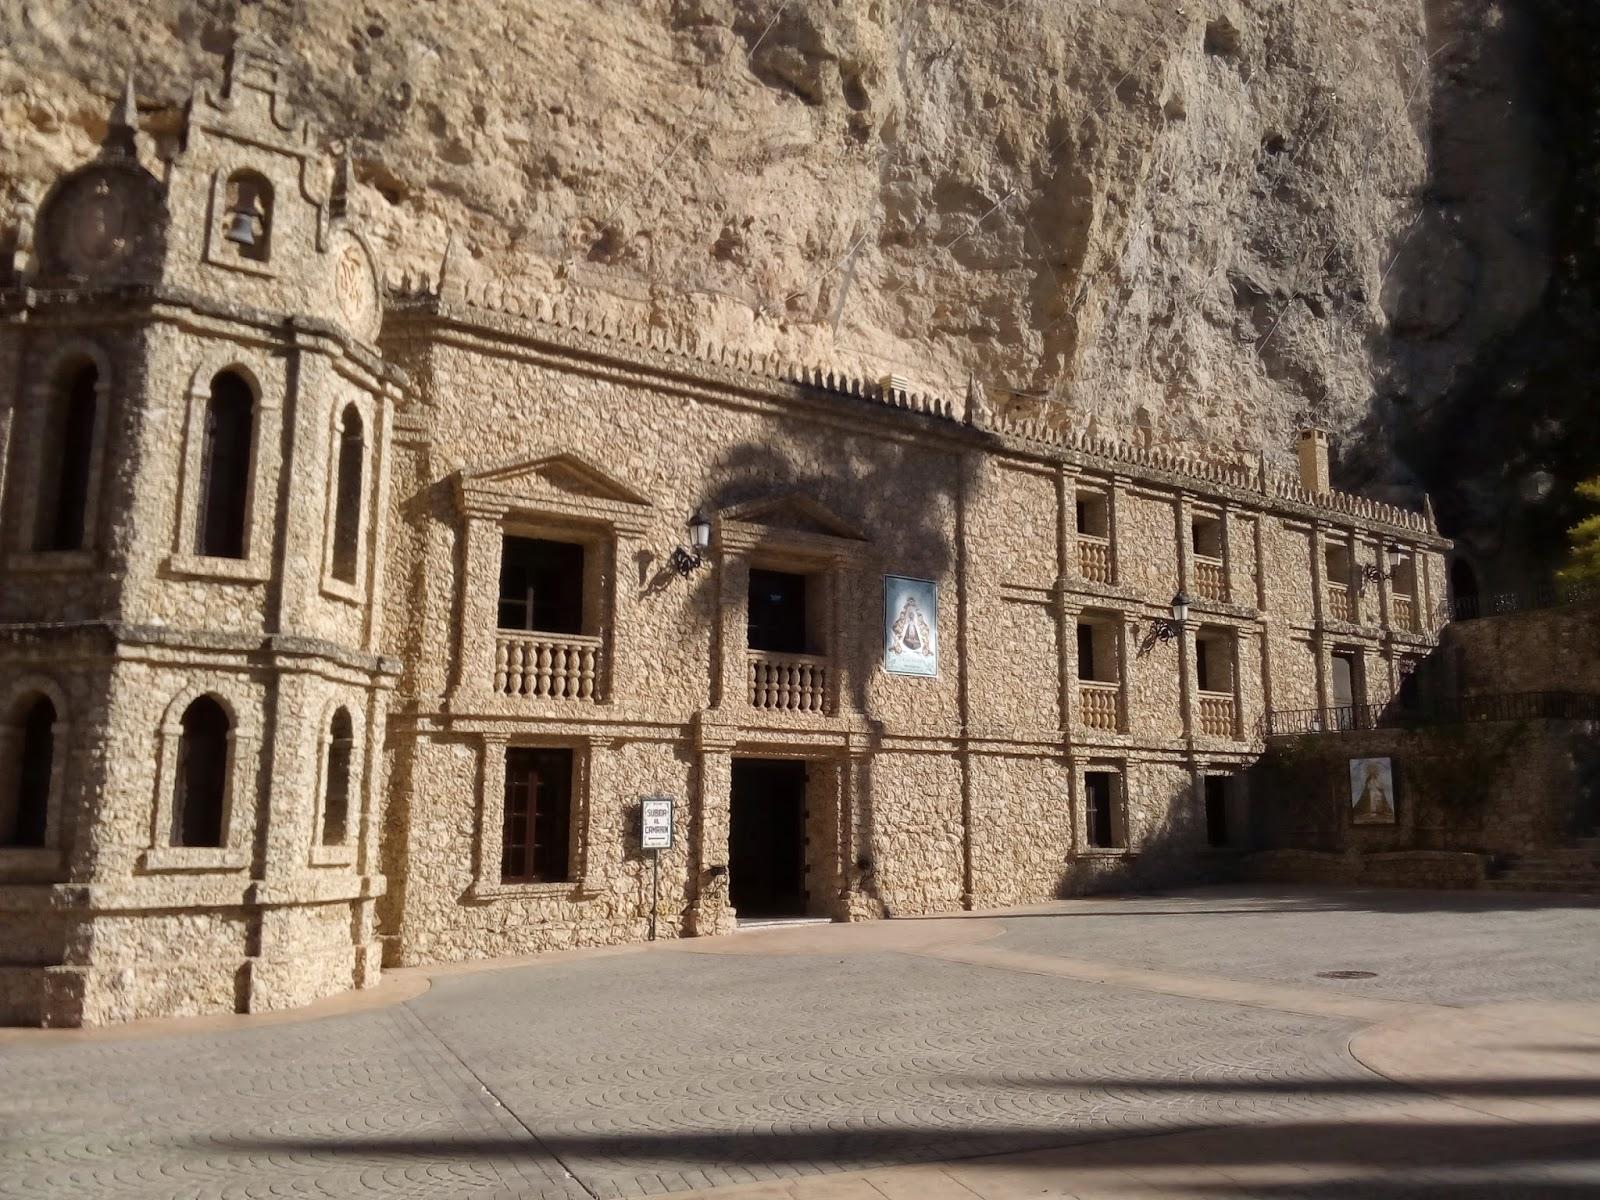 Apareció en una Cueva: Nuestra Señora de la Esperanza, Murcia, España (18 de septiembre)